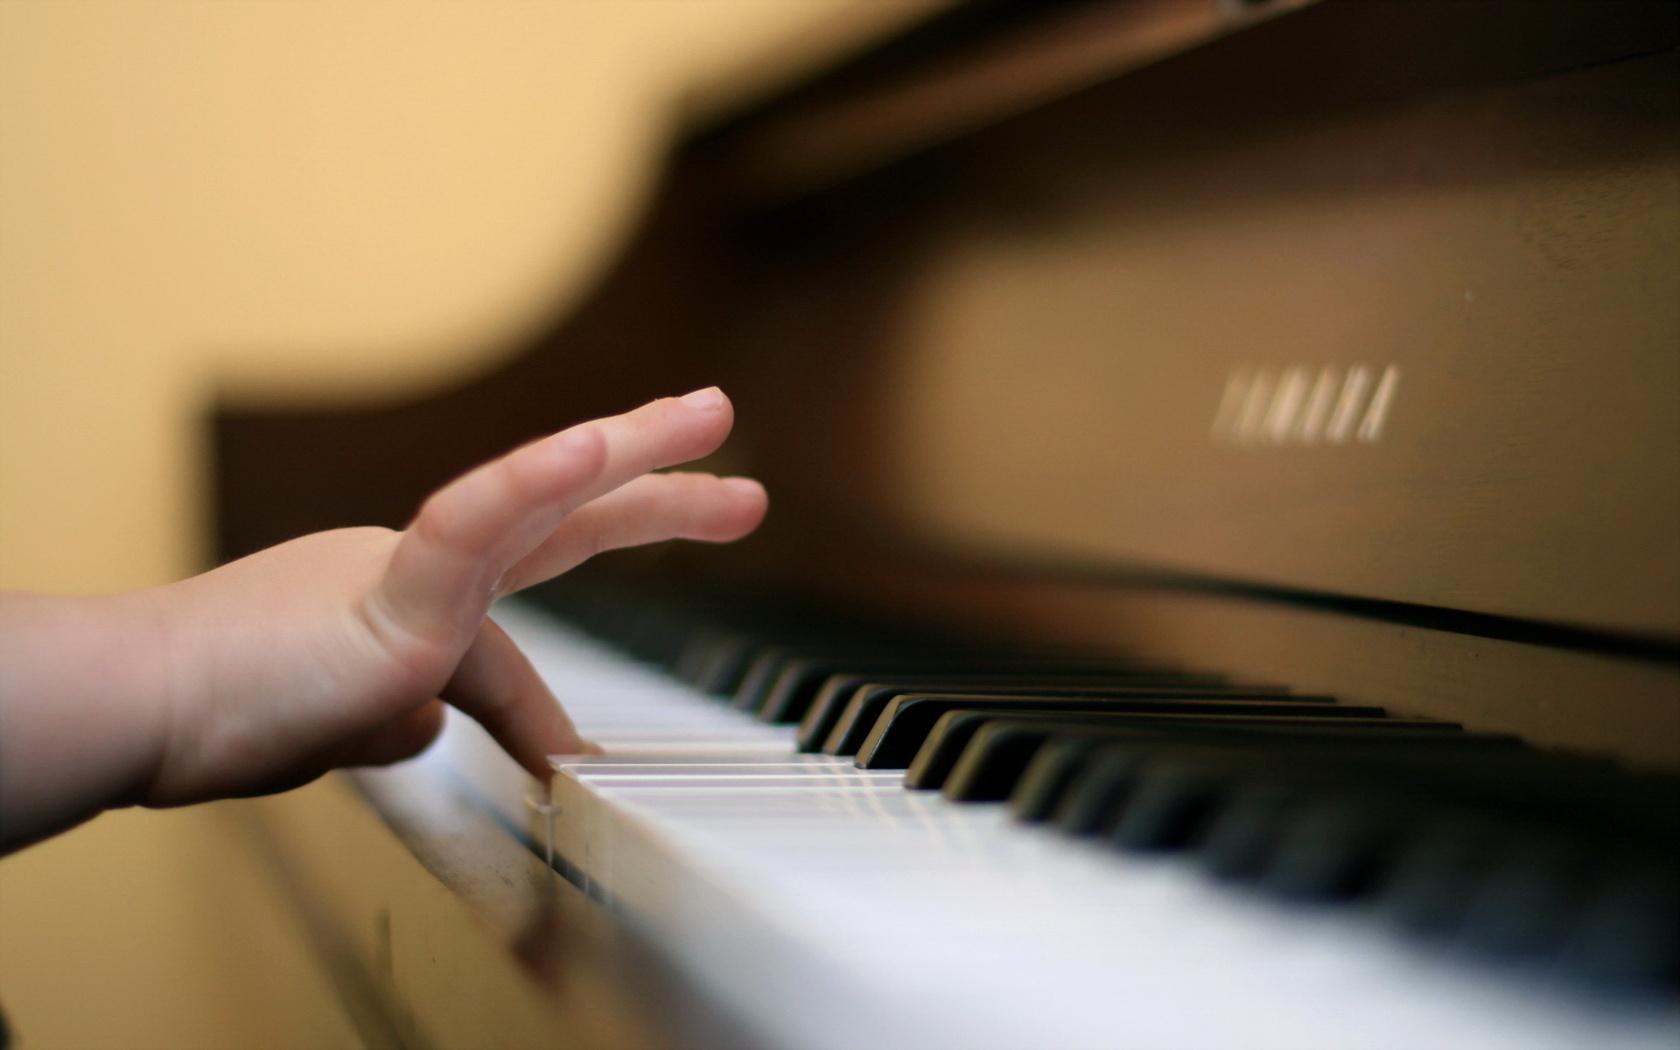 Играть на пианино своими руками фото